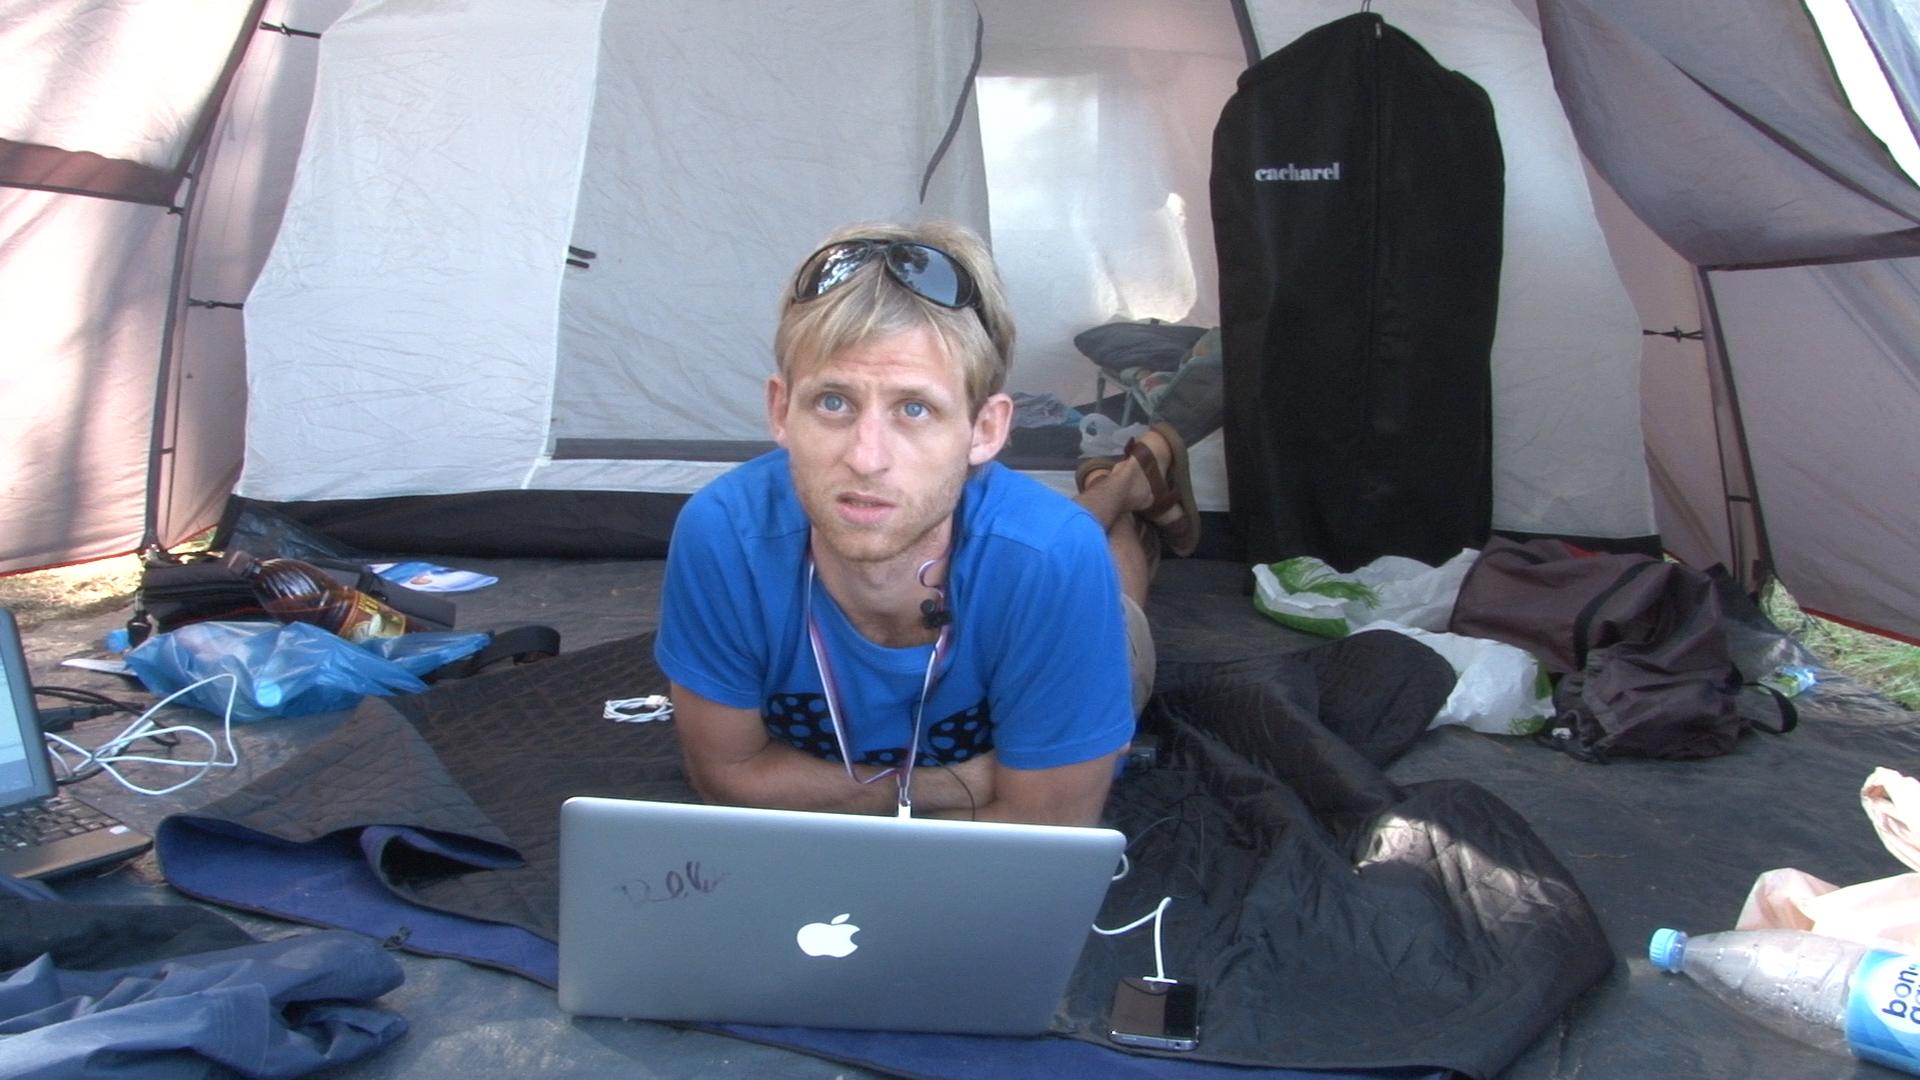 Дмитрий Терновский: «Однажды меня позвали в Кремль» #селигер2012